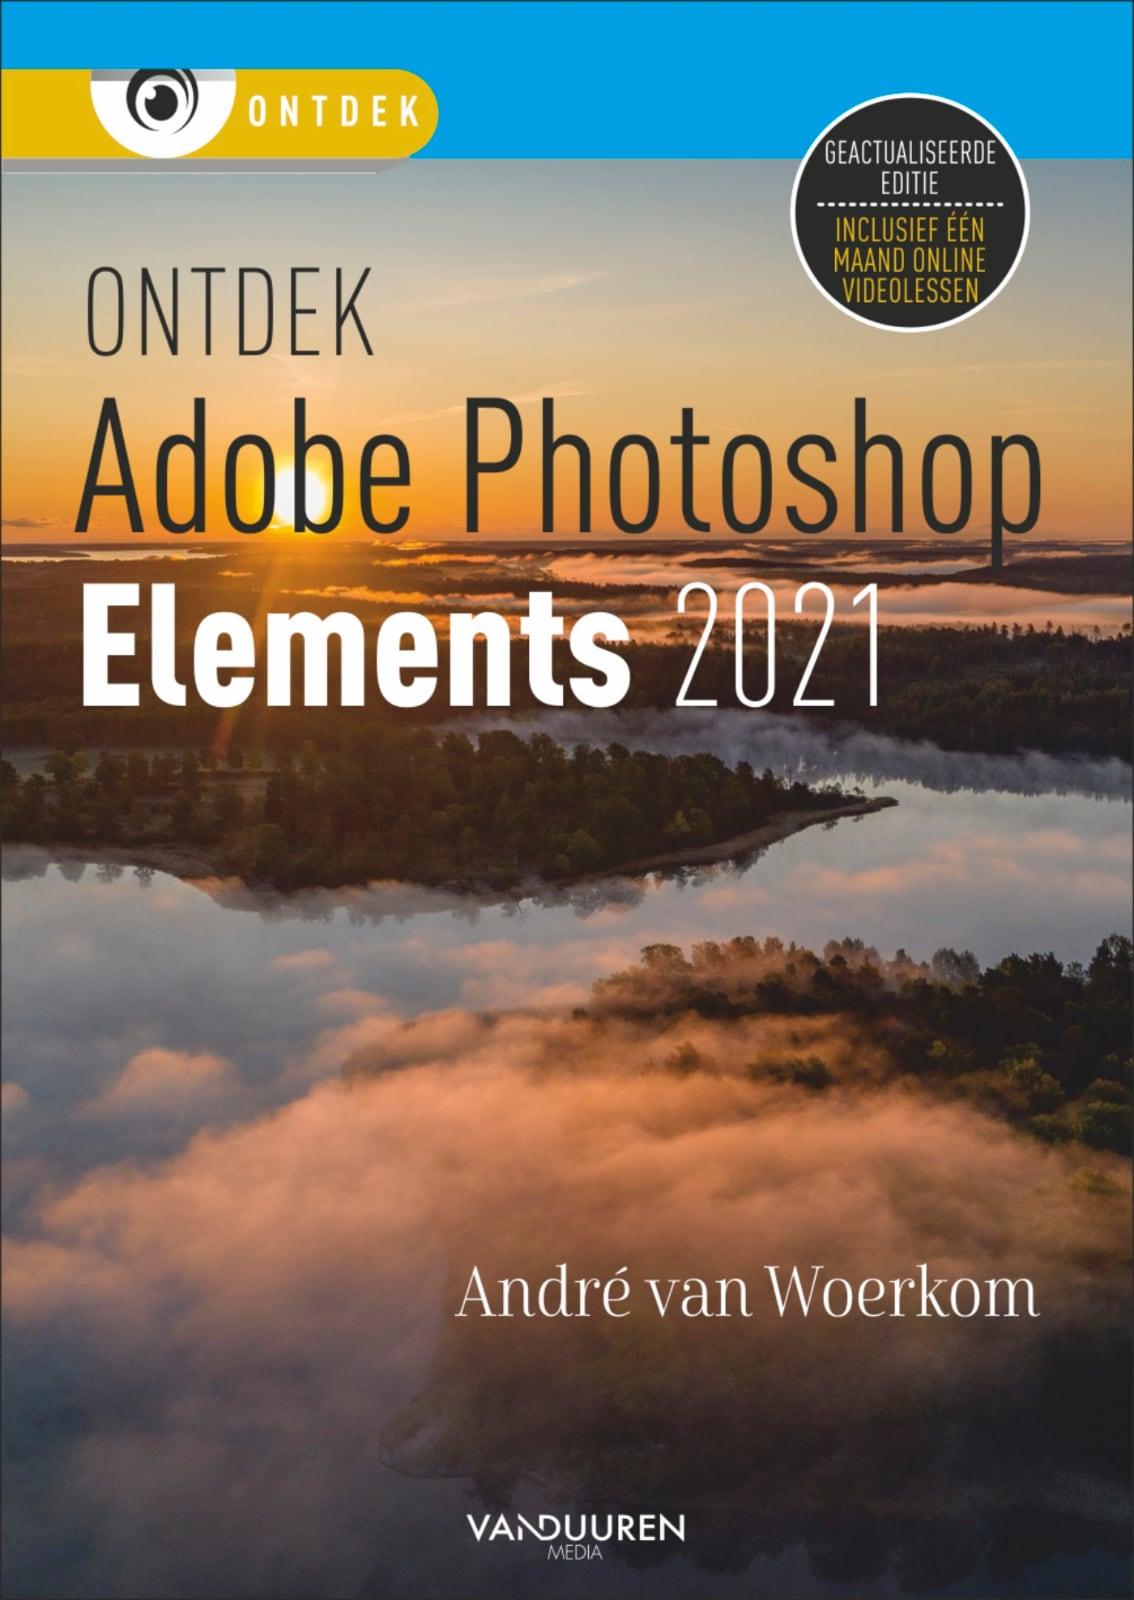 Ontdek Photoshop Elements 2021 van André van Woerkom, isbn 9789463561877